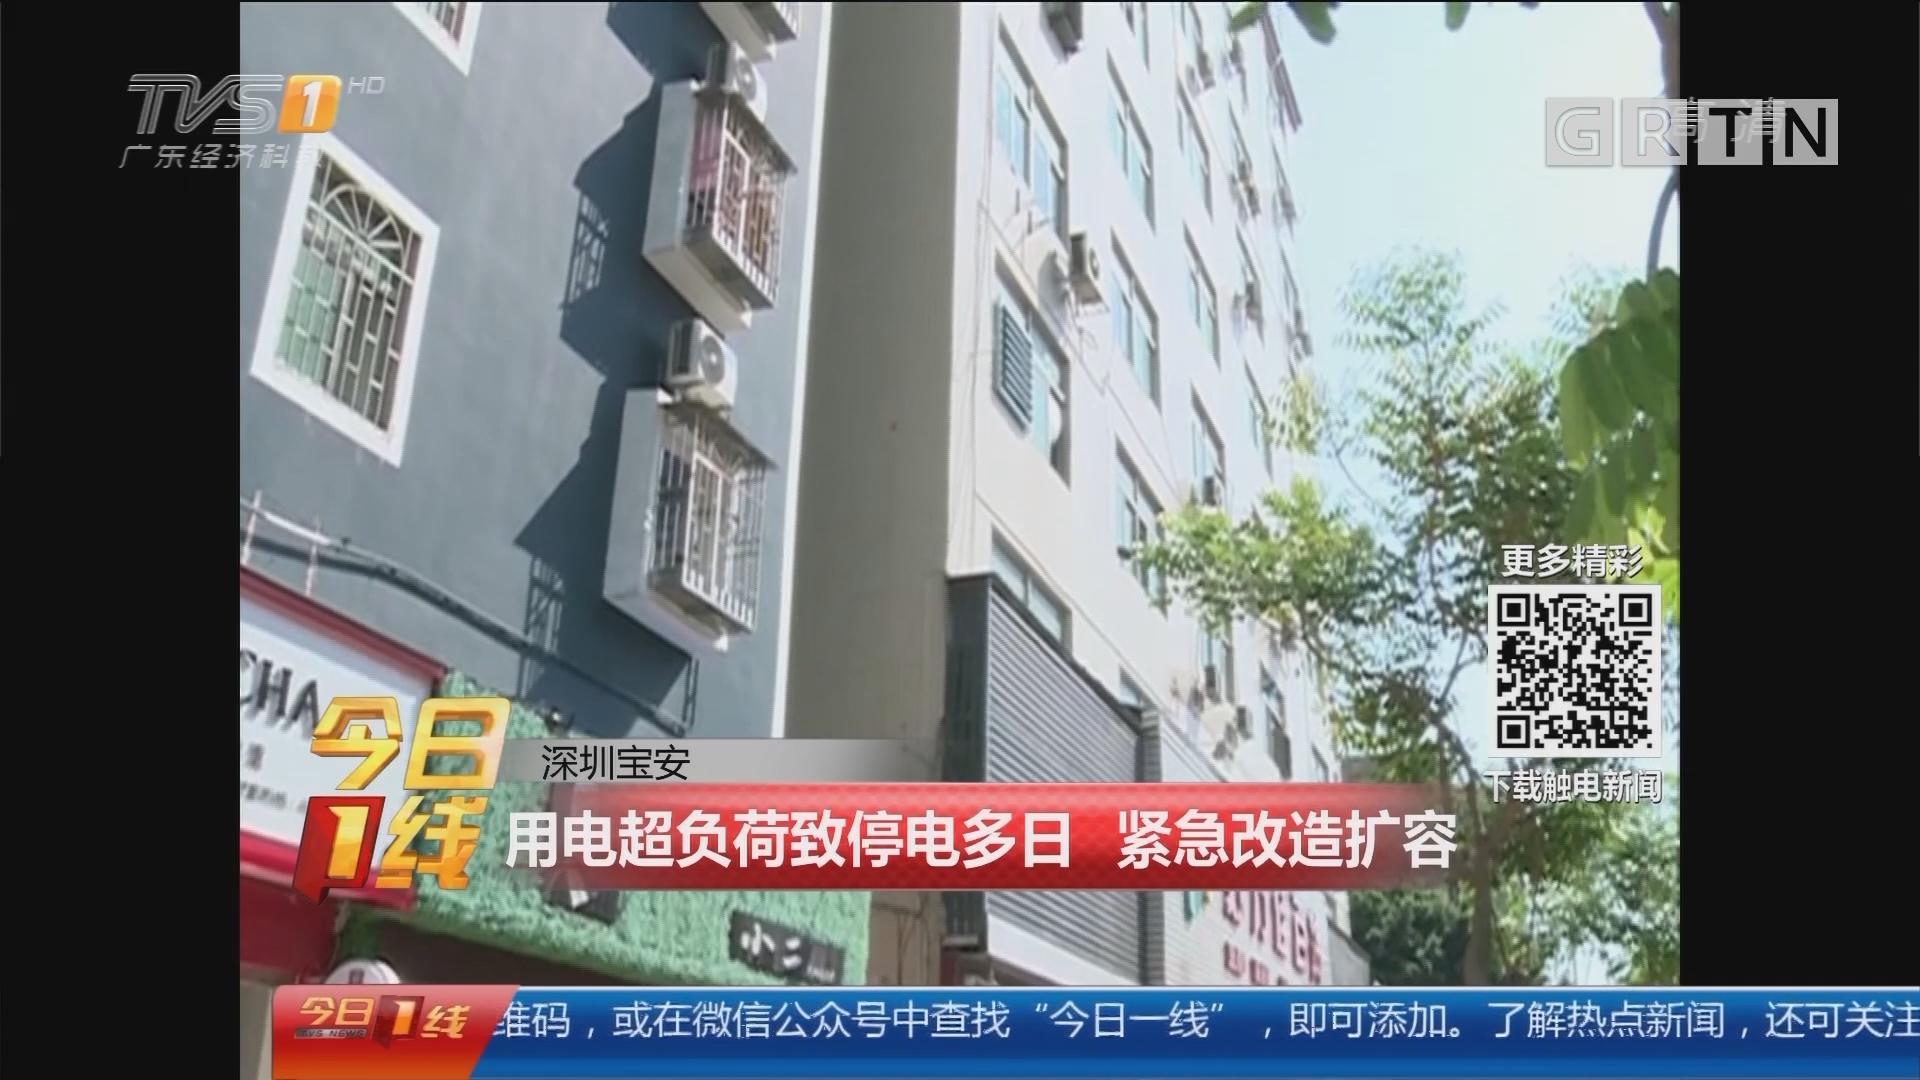 深圳宝安:用电超负荷致停电多日 紧急改造扩容